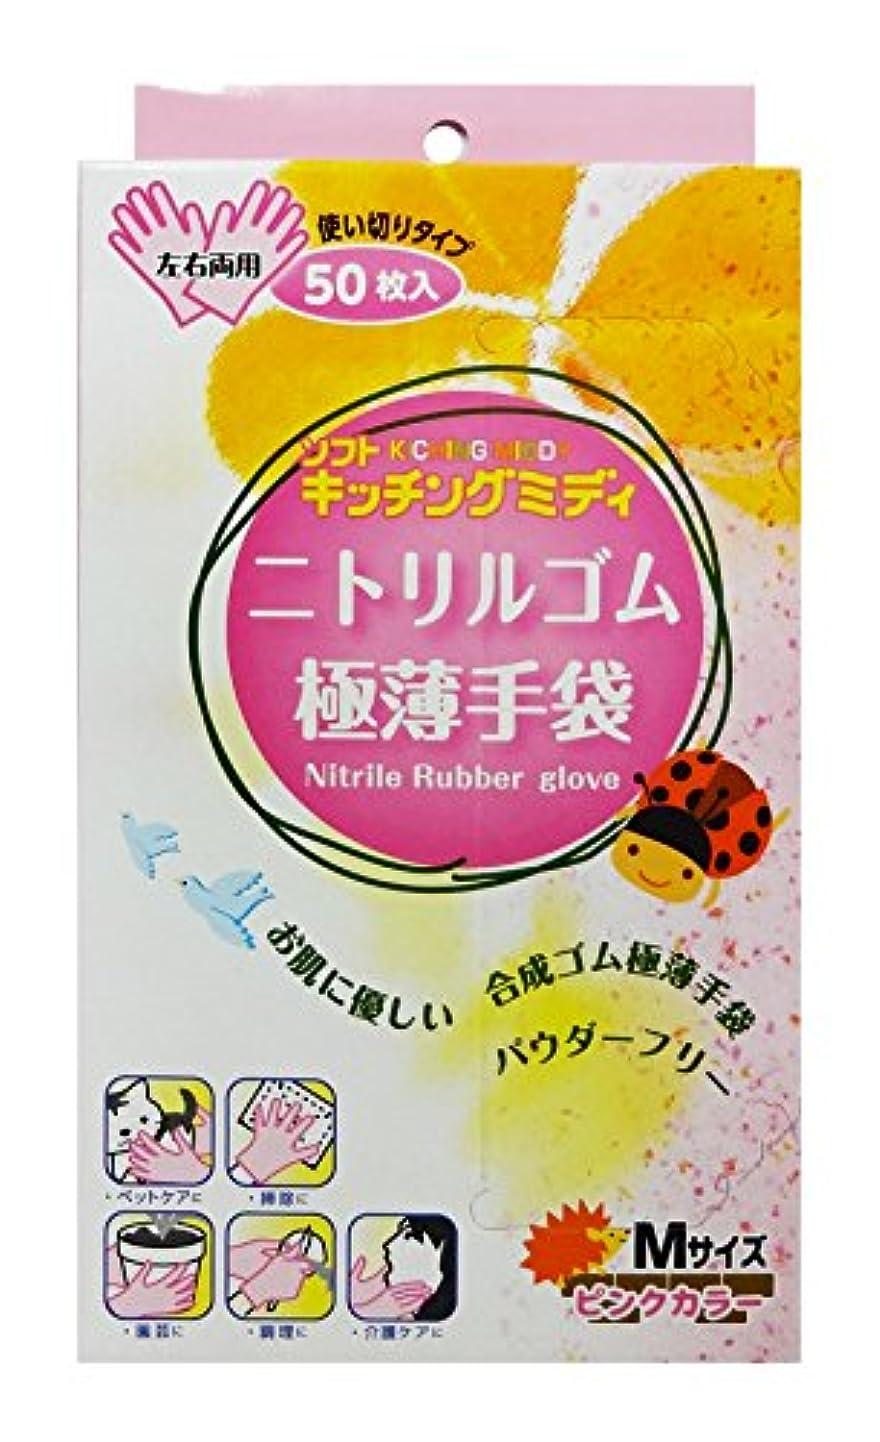 不毛のレーニン主義スキニーキッチングミディ ニトリル極薄手袋 ピンク Mサイズ 50枚入